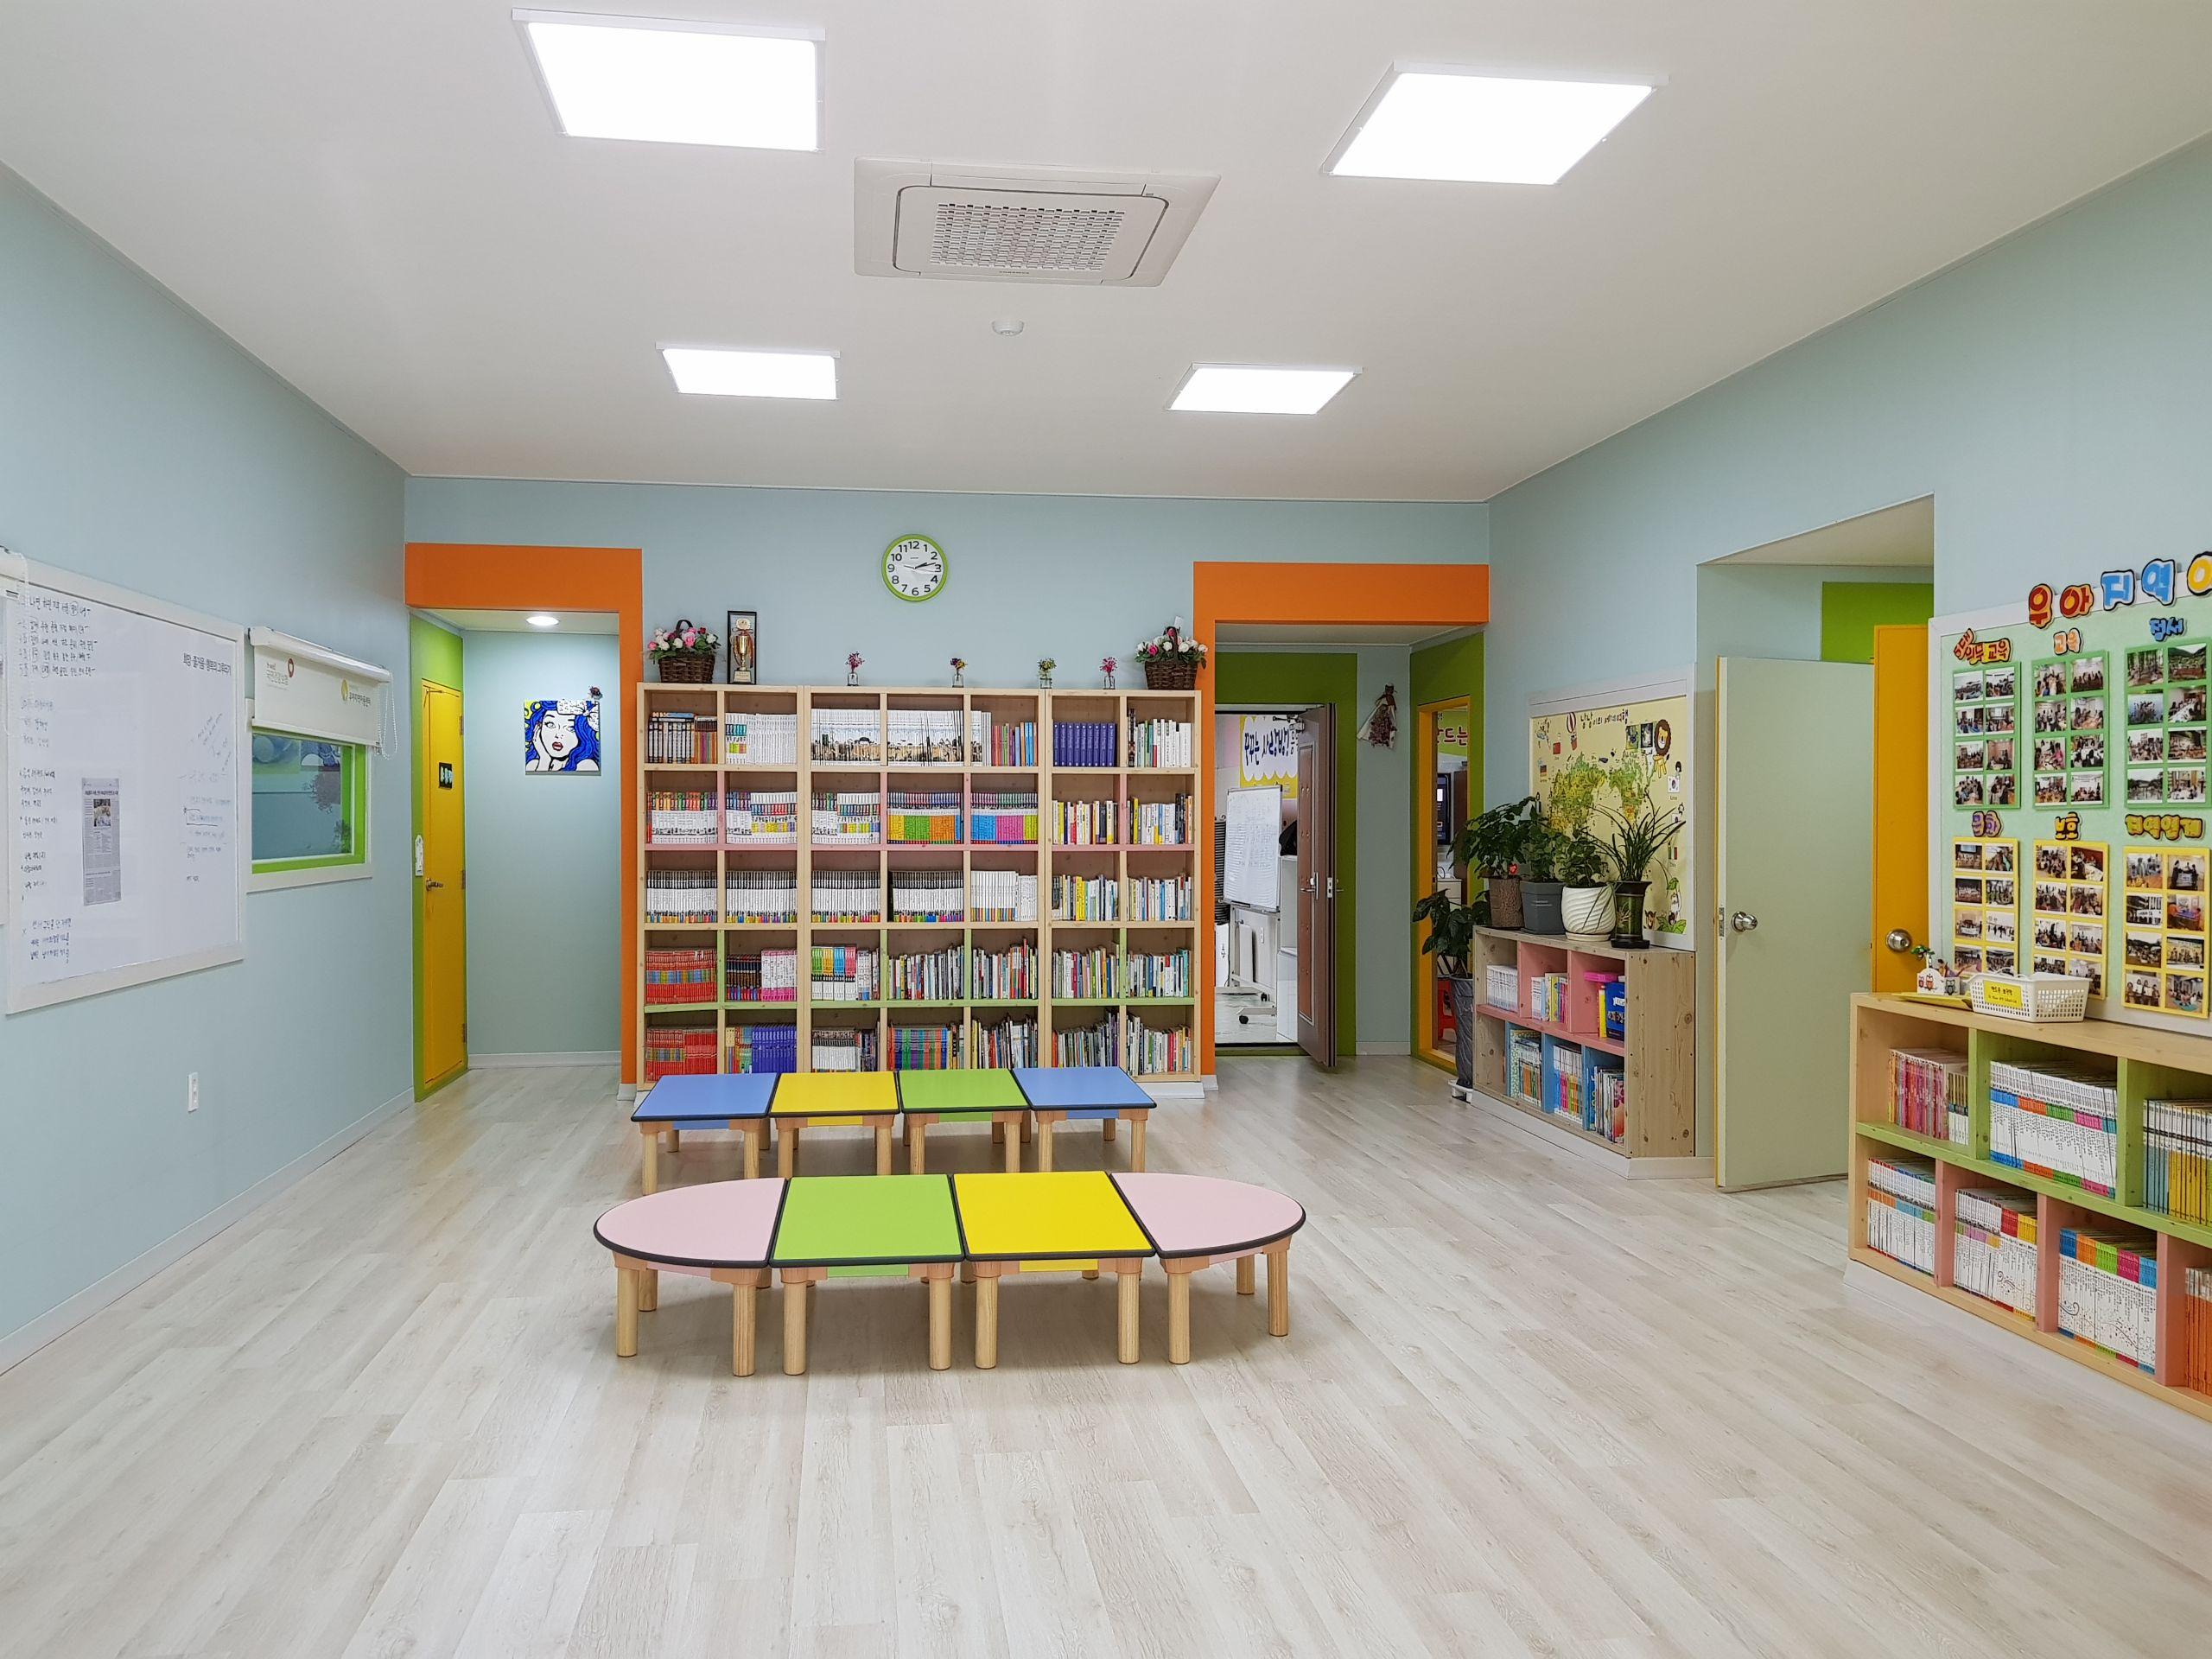 우아지역아동센터 상세사진